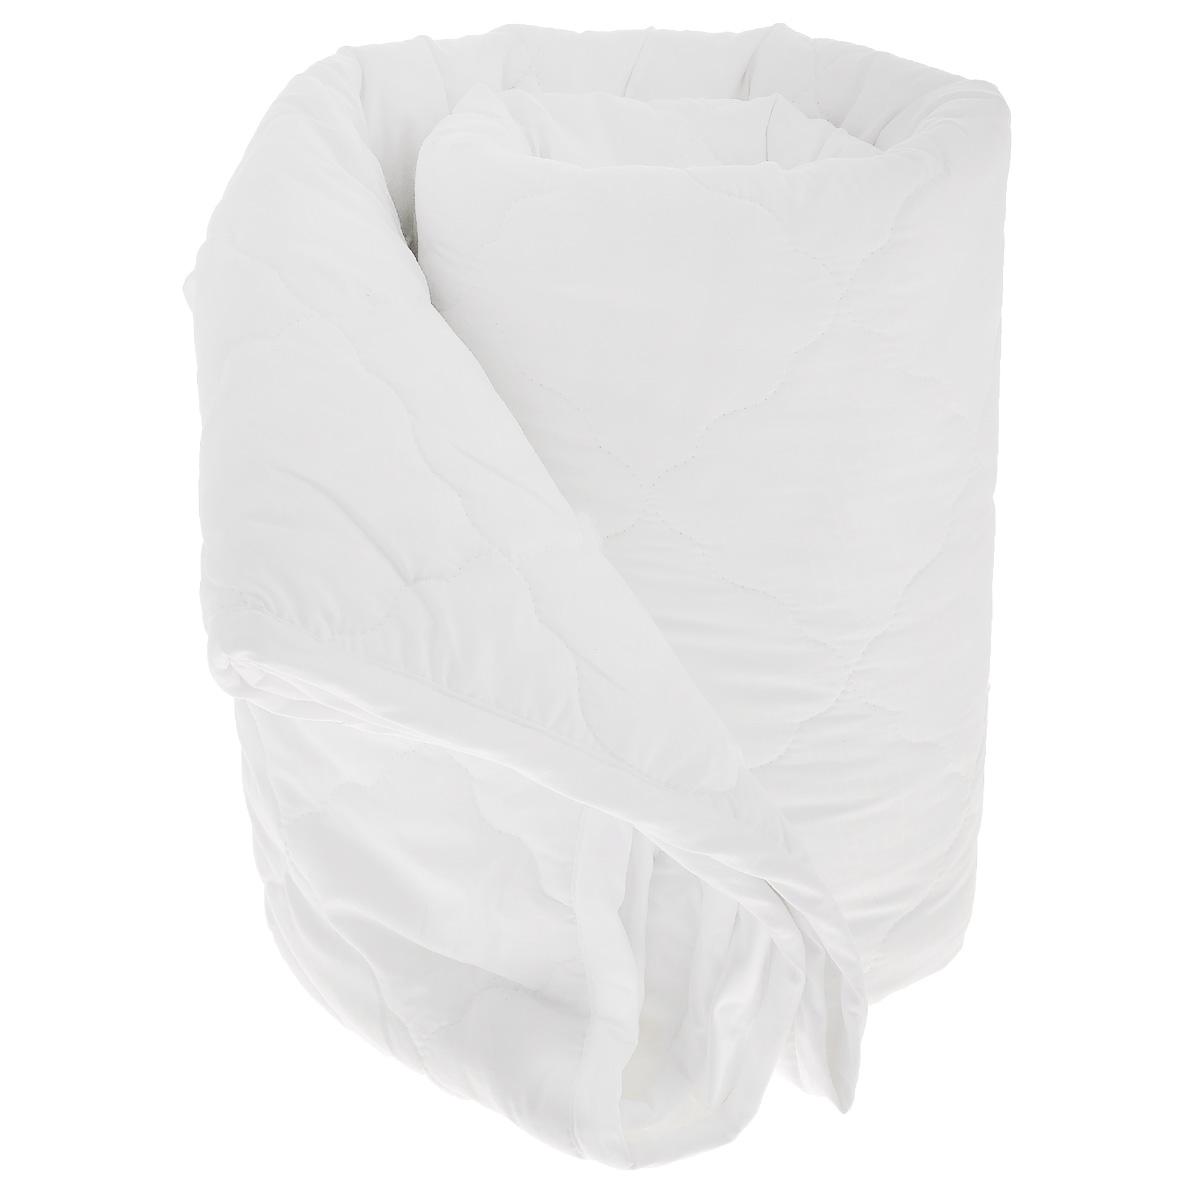 Одеяло La Prima В нежности микрофибры, наполнитель: полиэфирное волокно, цвет: белый, 170 см х 205 см857/0222945/100/1942Одеяло La Prima В нежности микрофибры очень легкое, воздушное и одновременно теплое. Идеально подойдет тем, кто ценит мягкость и тепло. Такое изделие подарит комфортный сон. Благодаря особой структуре микроволокна, изделие приобретают дополнительную мягкость и надолго сохраняют свой первоначальный вид. Чехол одеяла выполнен из шелковистой микрофибры, оформленной изящным фактурным теснением под кожу реплитий. Наполнитель - полиэфирное волокно - холлотек. Изделие обладает высокой воздухопроницаемостью, прекрасно сохраняет тепло. Оно гипоаллергенно, очень практично и неприхотливо в уходе. Ручная стирка при температуре 30°С. Материал чехла: 100% полиэстер - микрофибра. Наполнитель: полиэфирное волокно - холлотек. Размер: 170 см х 205 см.